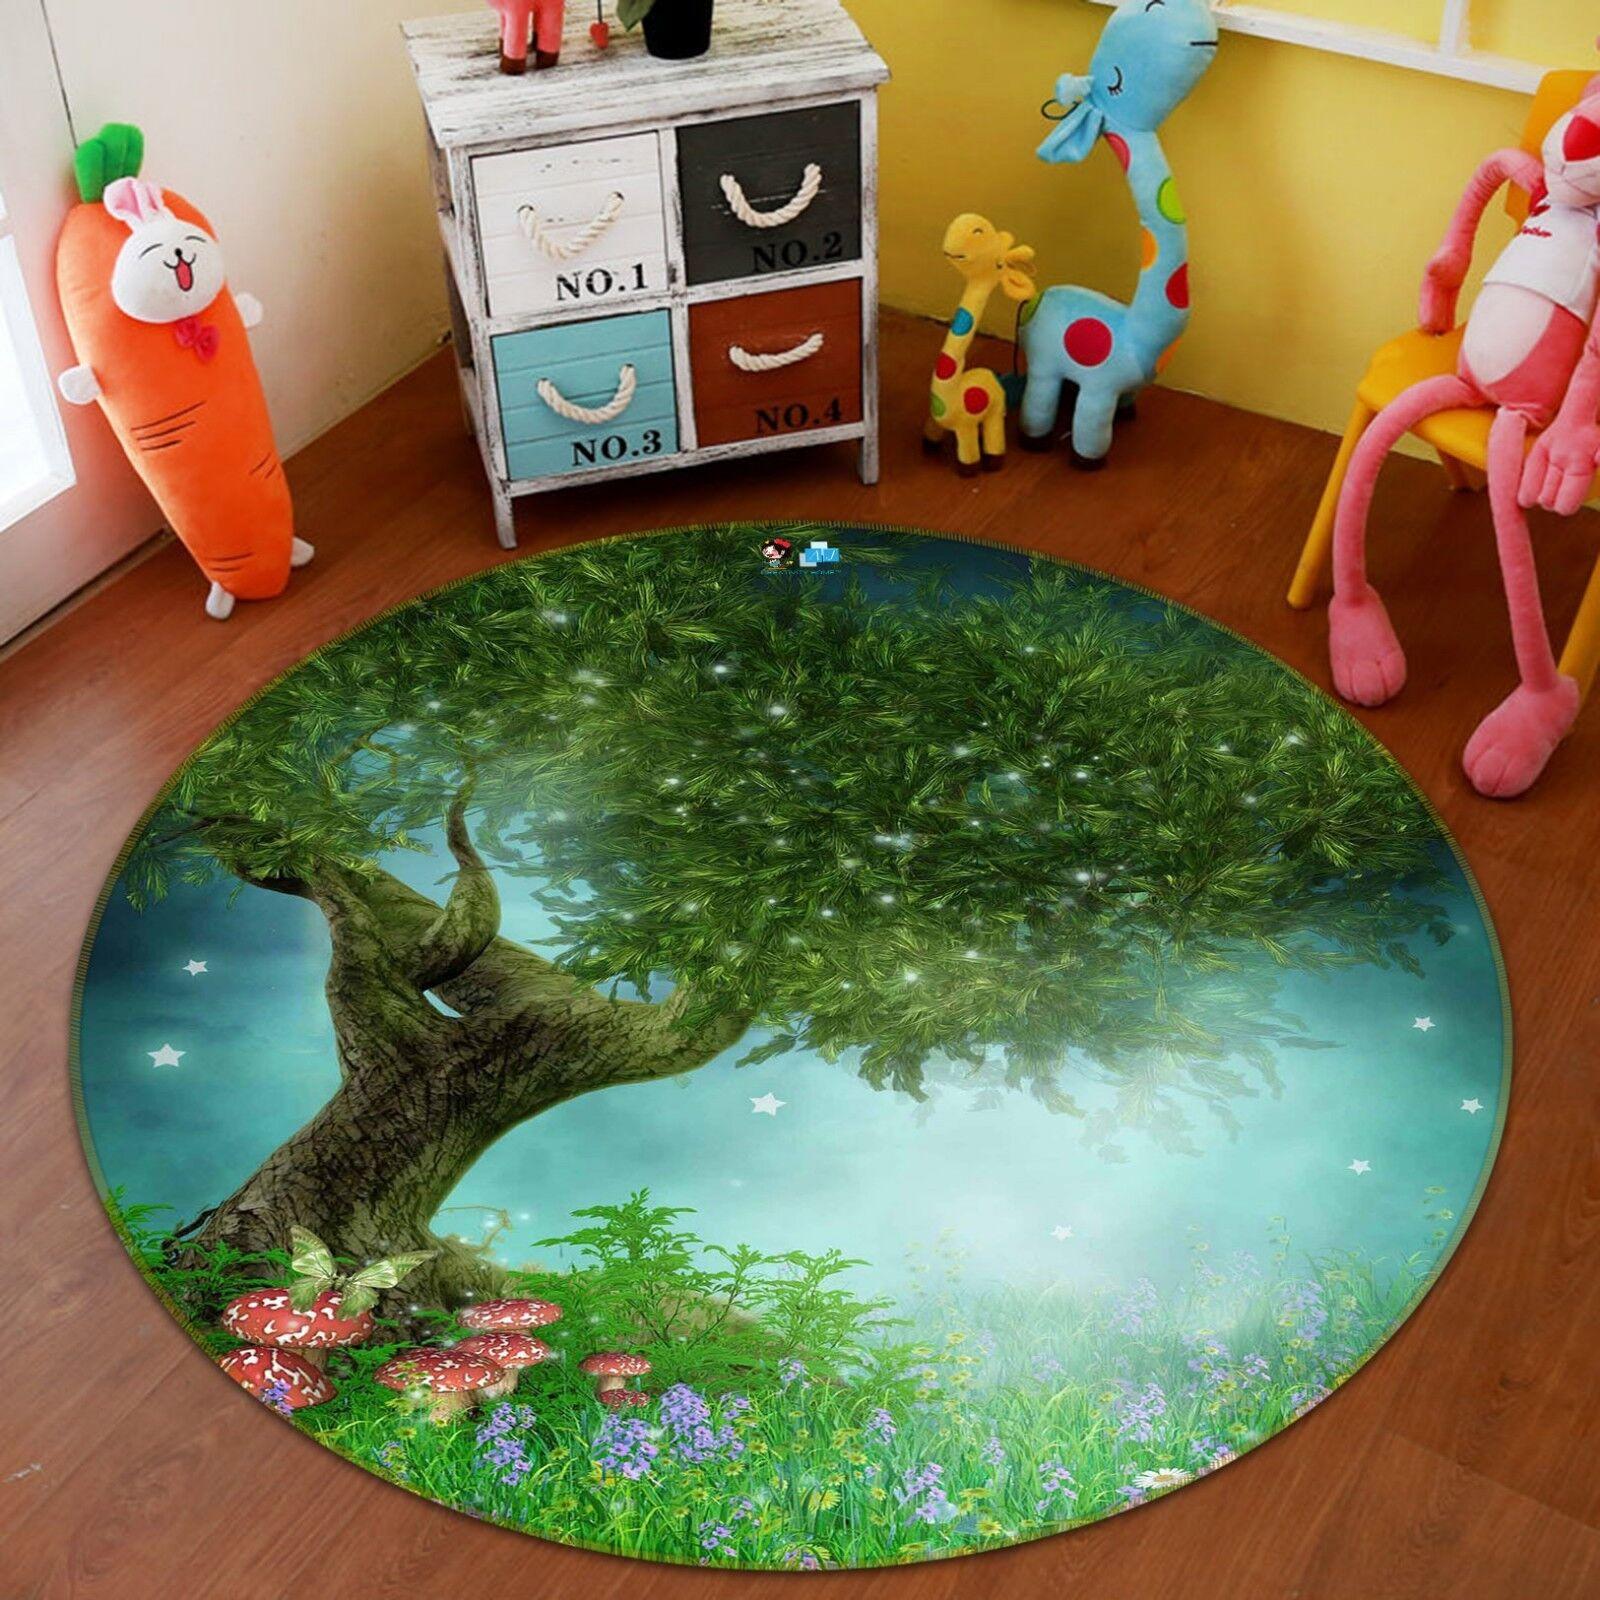 3D Forest Plantes 0220 Étage Antidérapant Natte Rond Élégant Tapis FR Summer